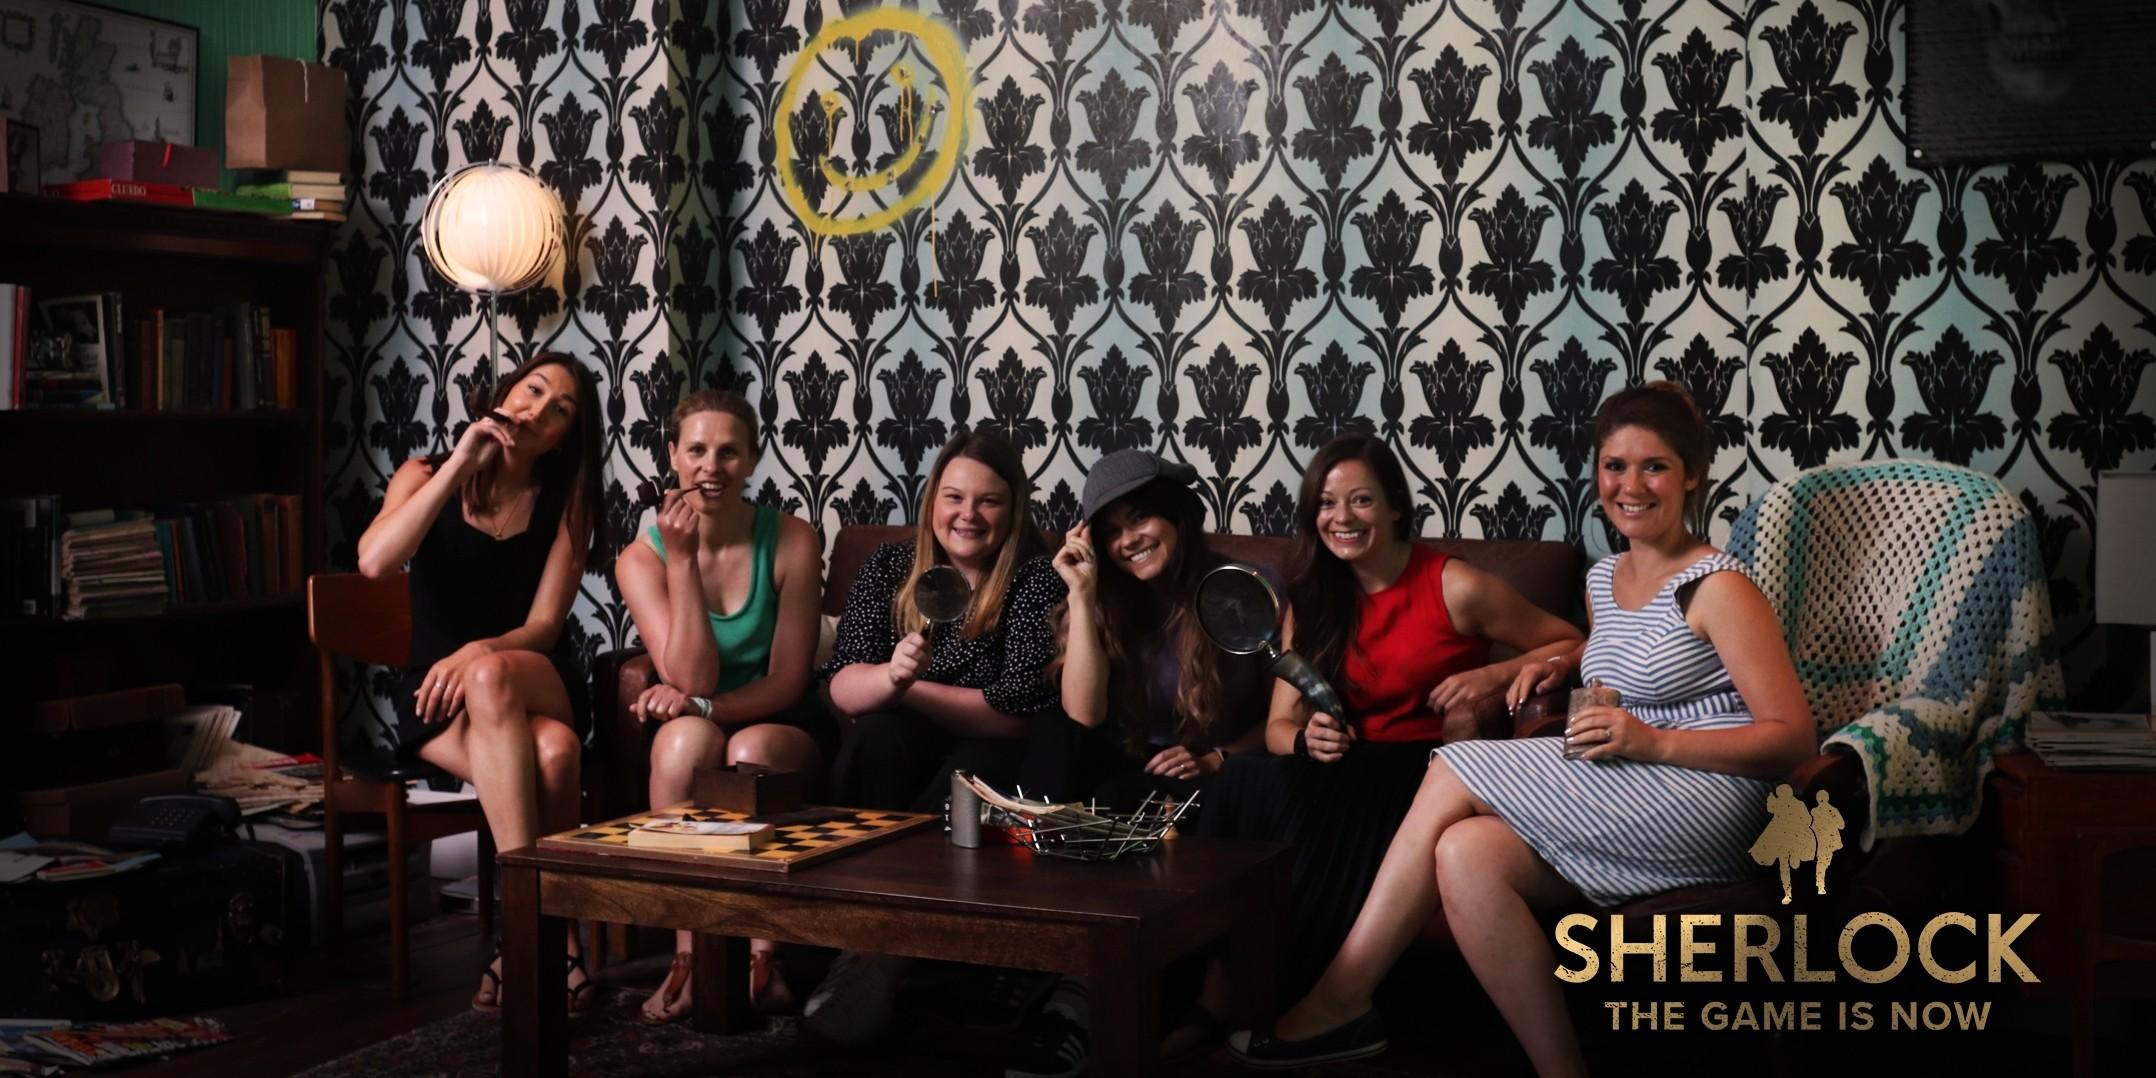 Sherlock Hen Party